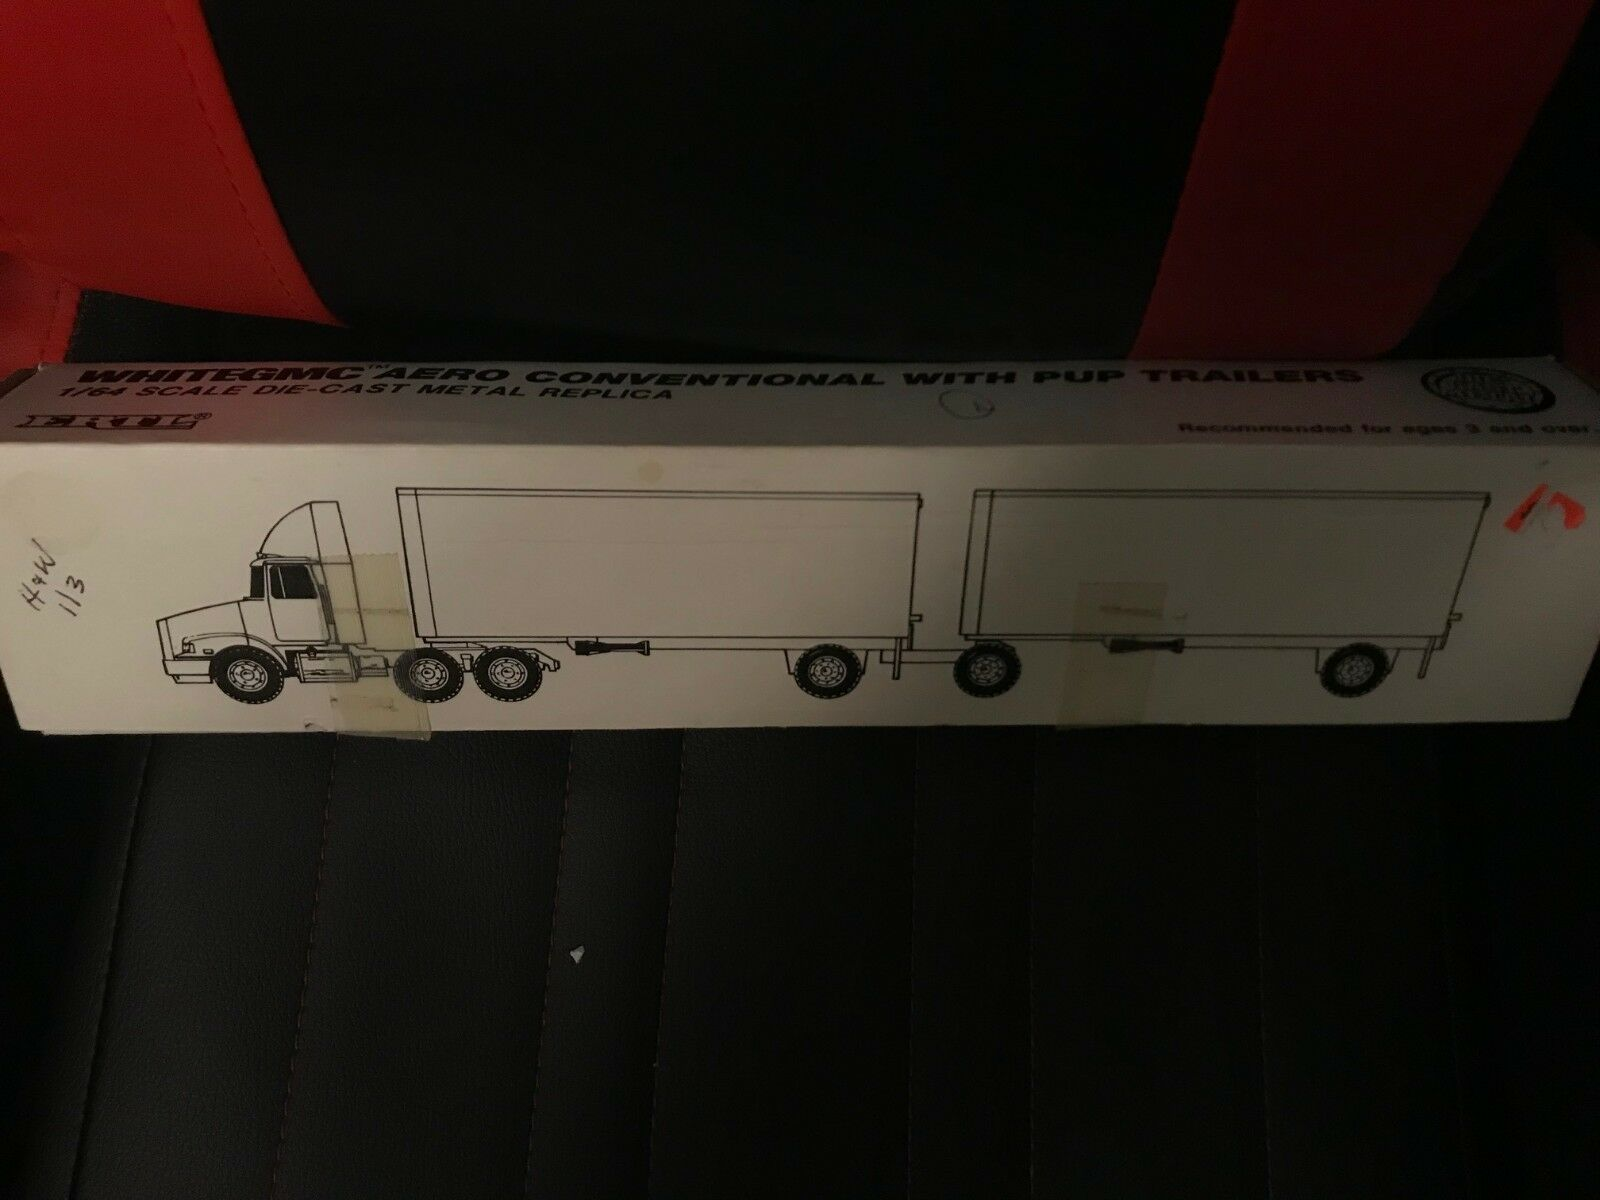 encuentra tu favorito aquí H & W Ertl blancoo semi semi semi camión GMC Aero convencional con remolques de las crías 1 64 H&W  mejor precio